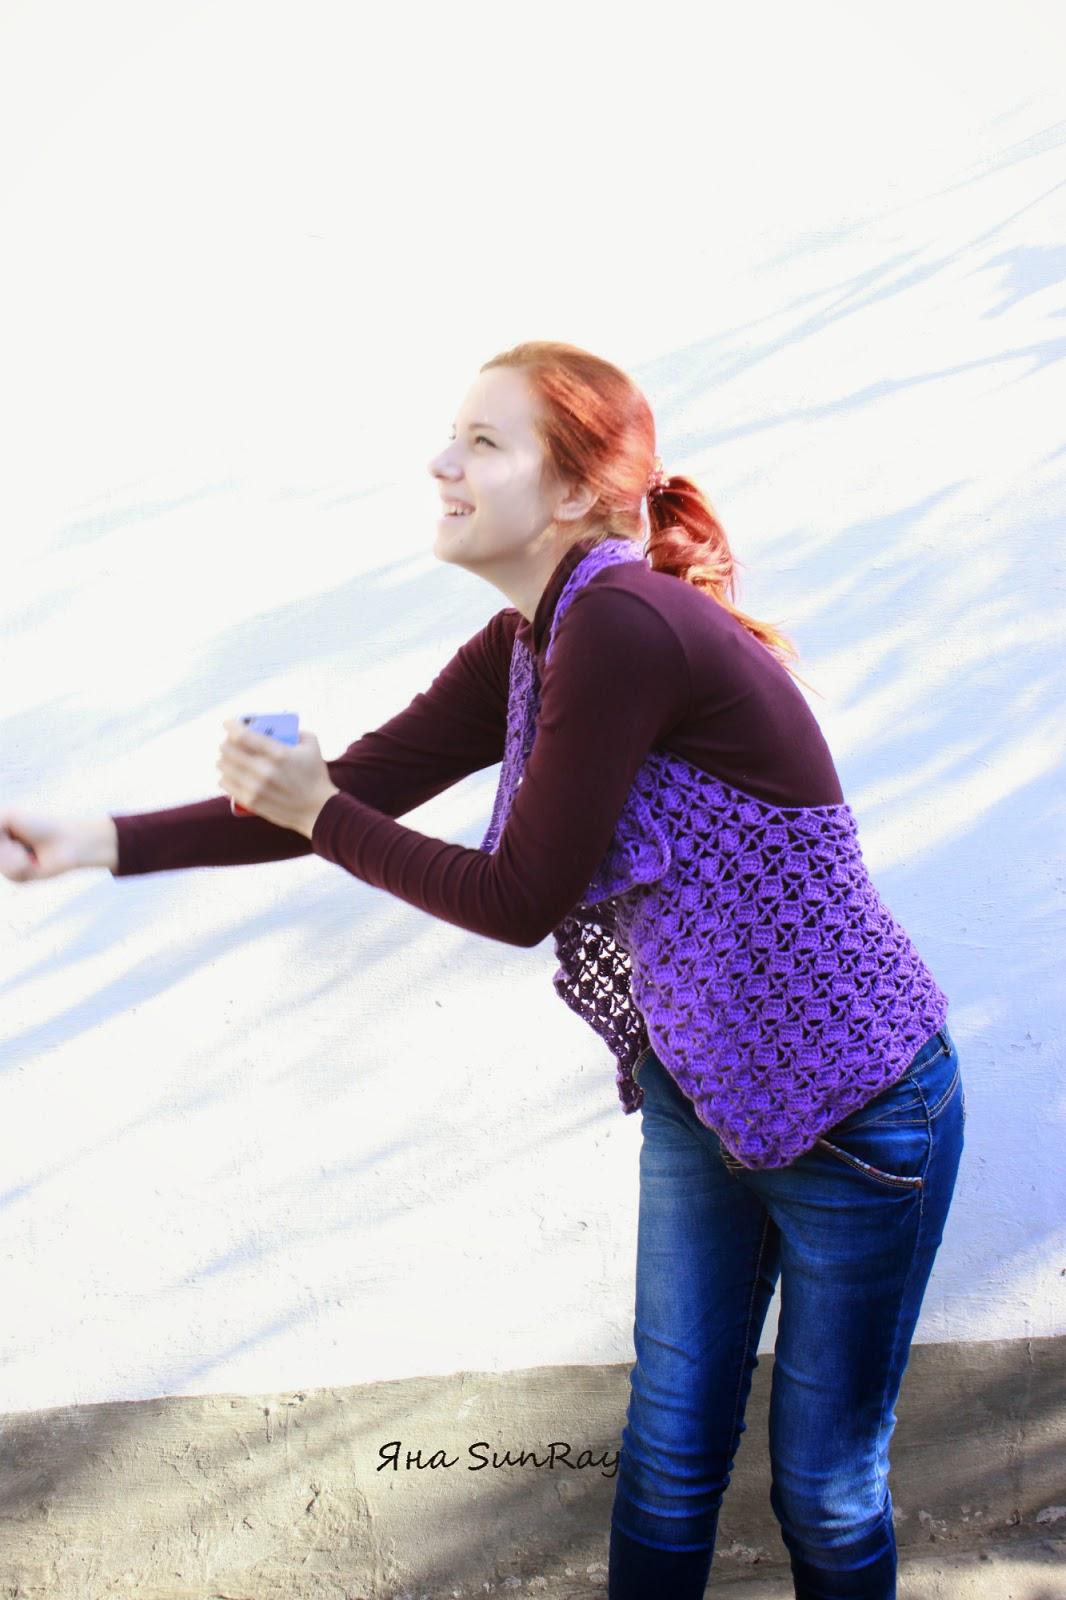 жилет, вязание крючком, безрукавка крючком, вязание на заказ, настроение своими руками, красивый жилет, трансформер, разлетайка,  Яна SunRay, ажурный жилет, накидка красивая, вязание по Украине,